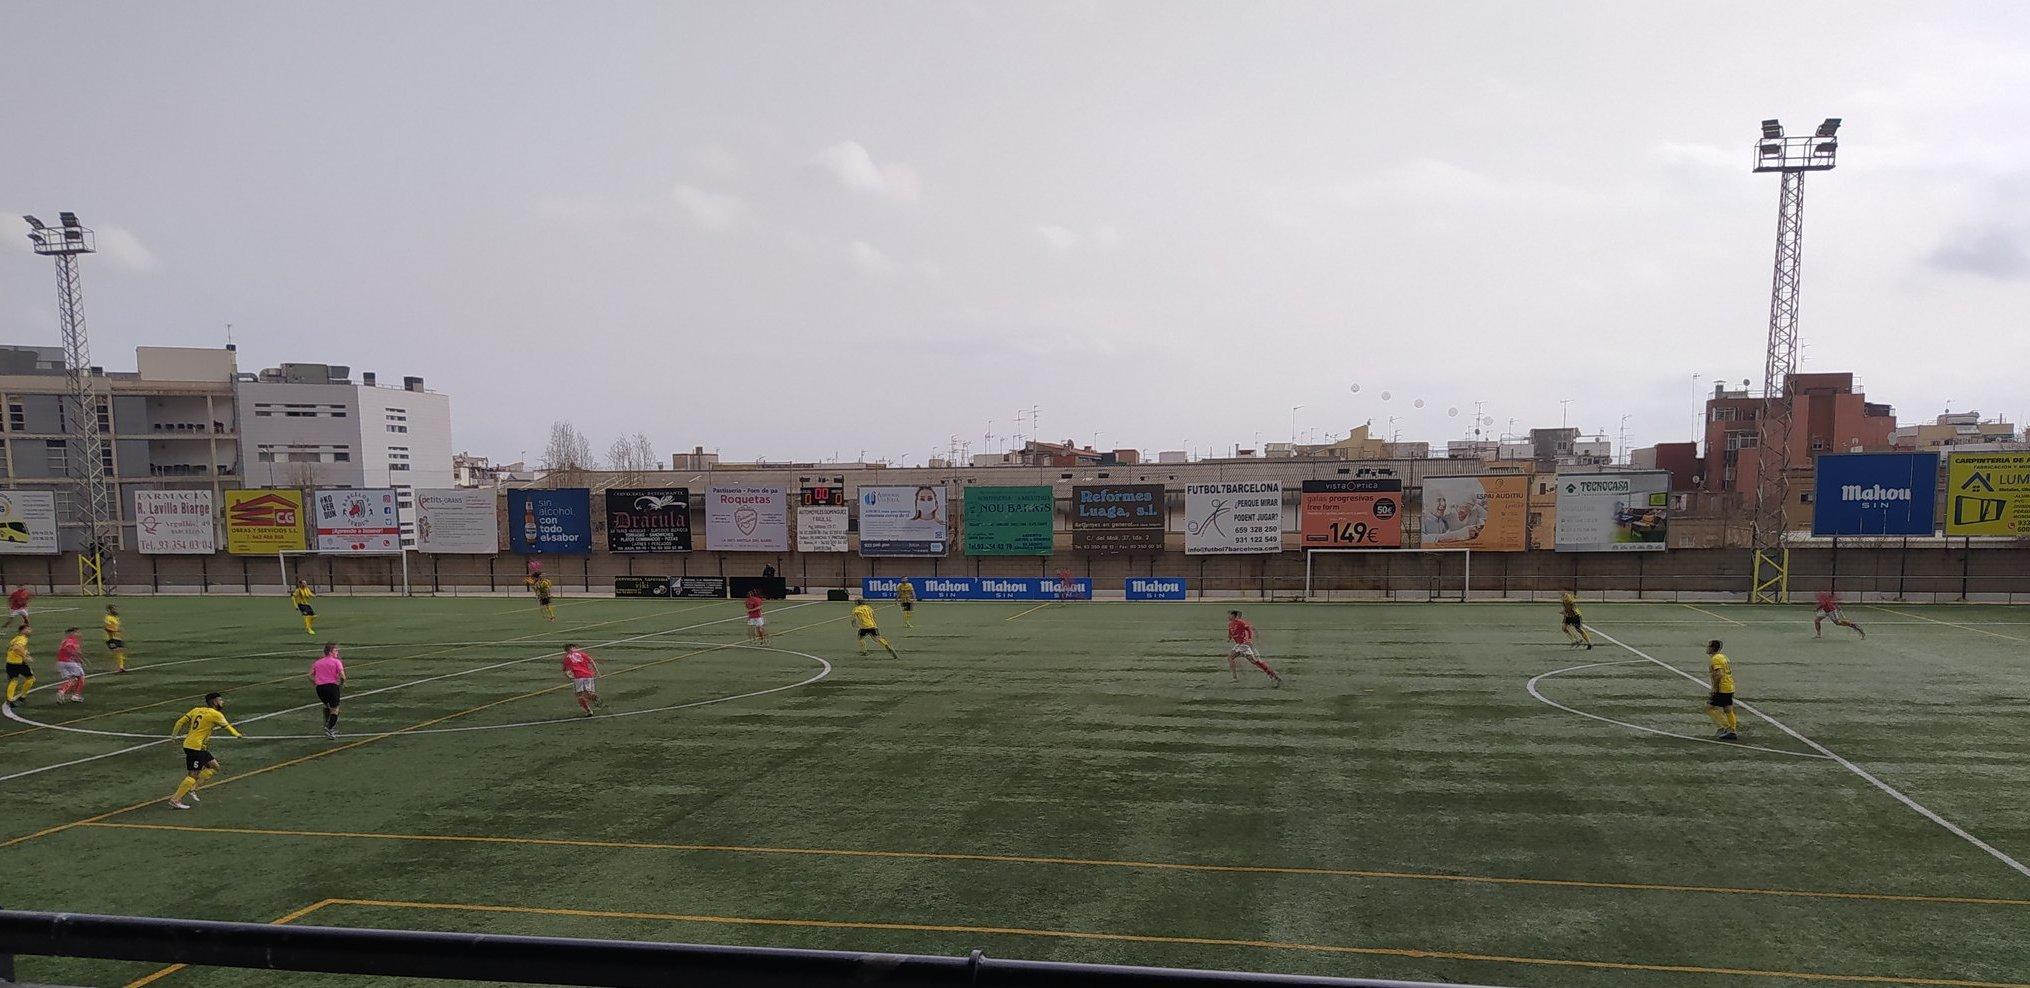 Victòria del CF Pobla de Mafumet davant el Muntanyesa per 0 a 1